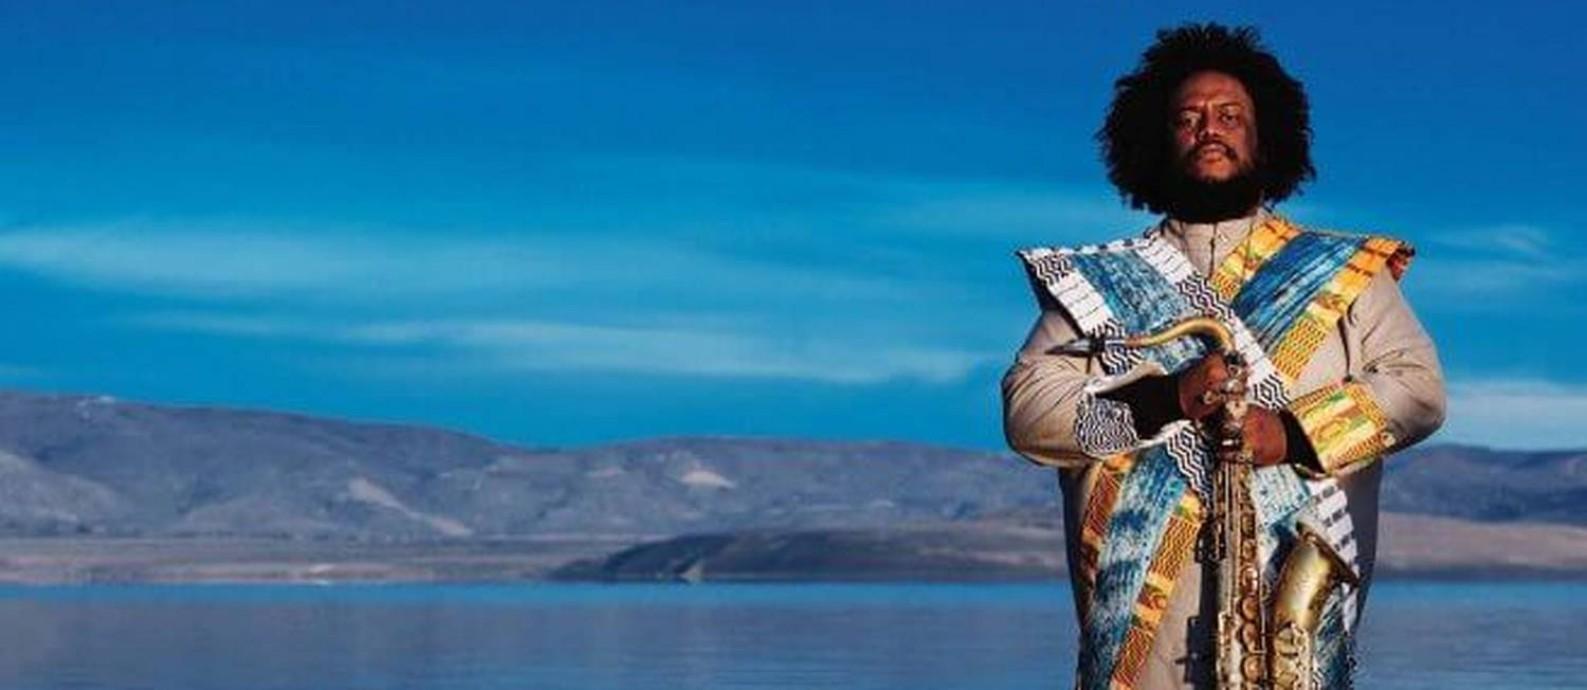 O saxofonista, compositor e arranjador americano Kamasi Washington Foto: Reprodução